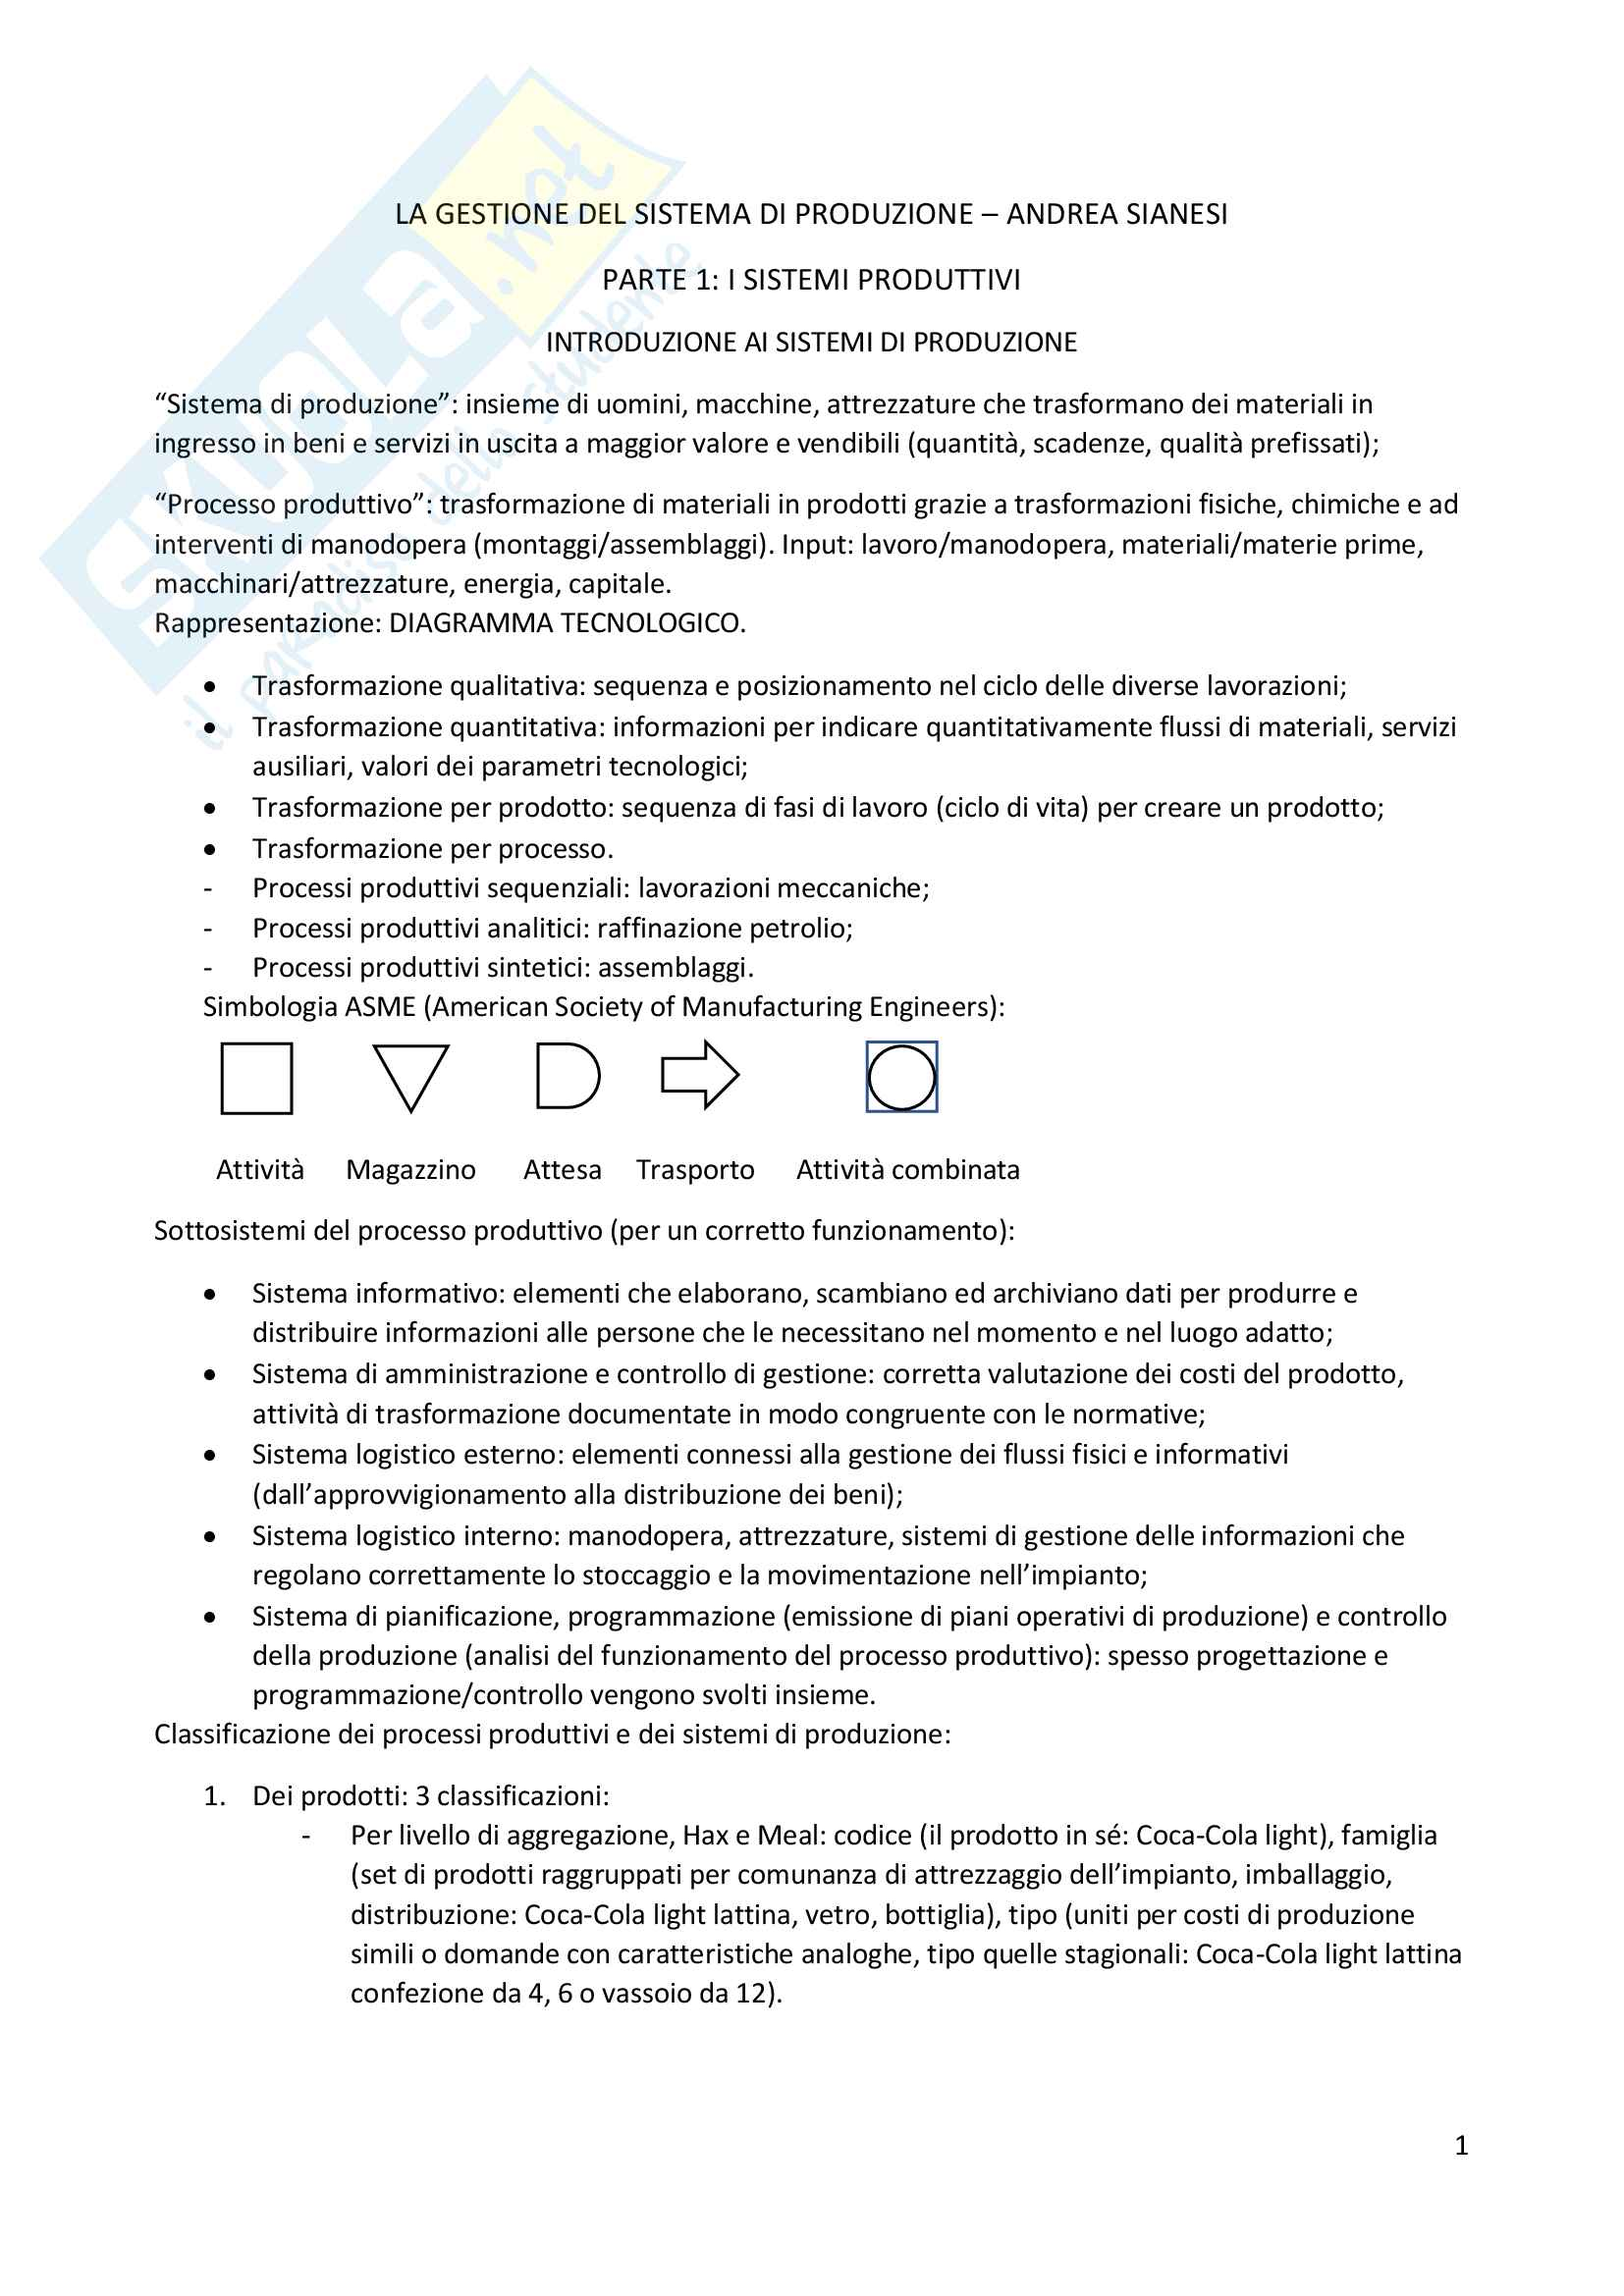 Riassunto esame di gestione dei sistemi logistici e produttivi, prof Andrea Sianesi, libro consigliato: La gestione del sistema di produzione, Andrea Sianesi